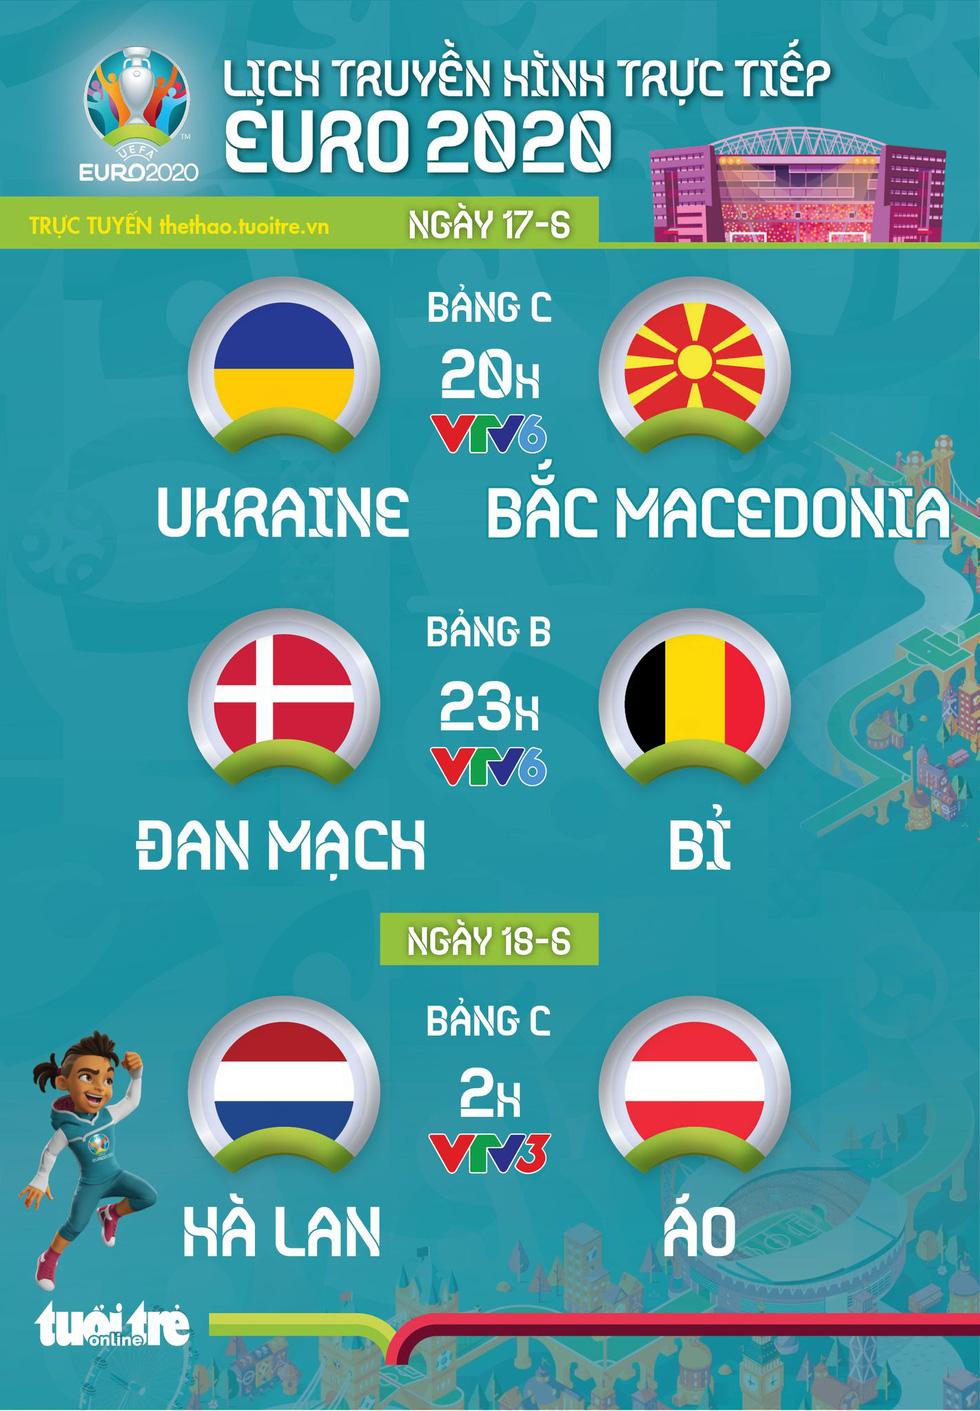 Lịch trực tiếp Euro 2020: Ukraine - Bắc Macedonia, Đan Mạch - Bỉ, Hà Lan - Áo - Ảnh 1.